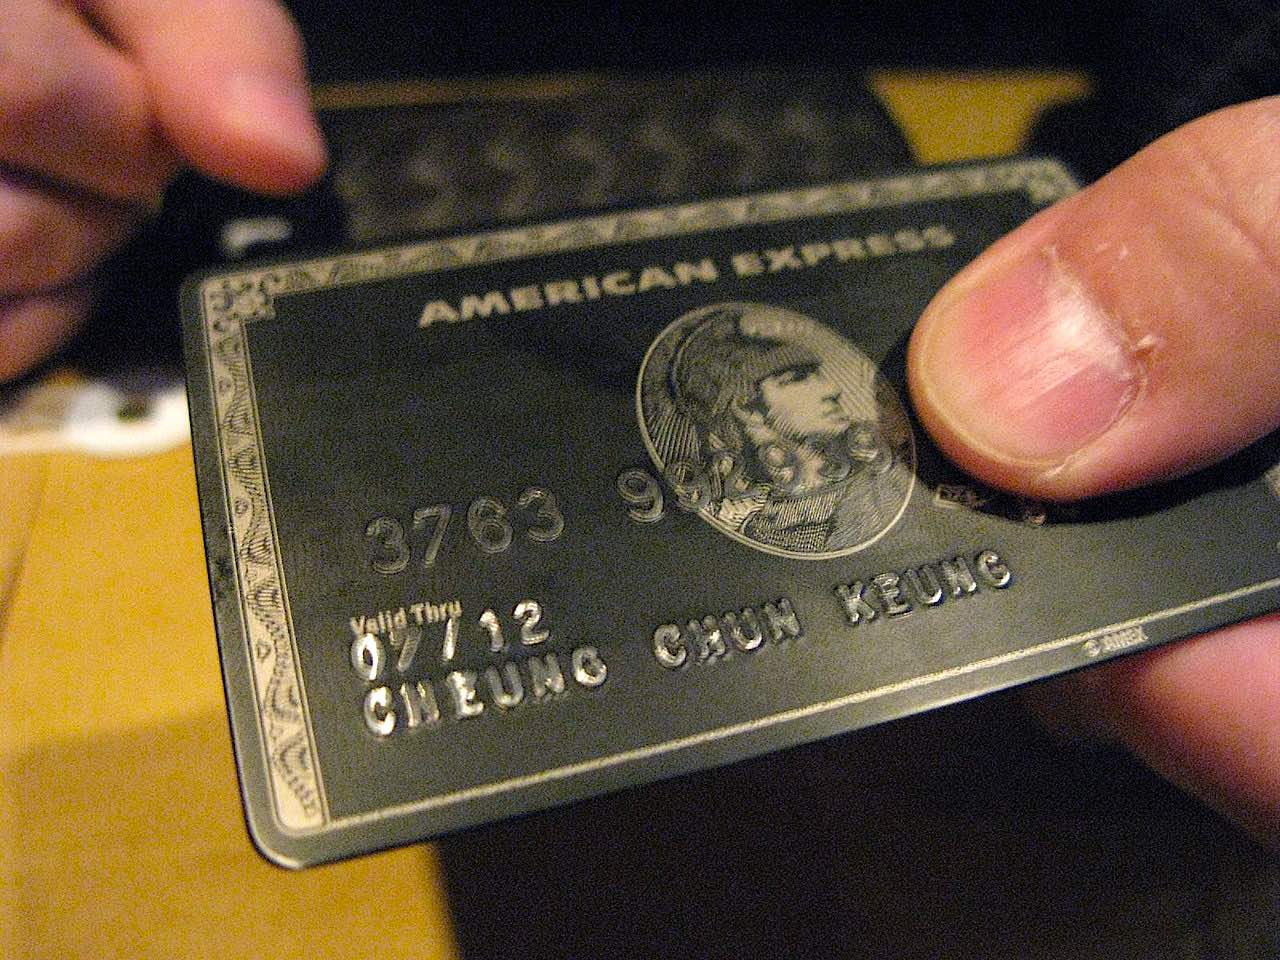 American Express Centurion: Conoce la tarjeta de crédito negra sin límite de gastos